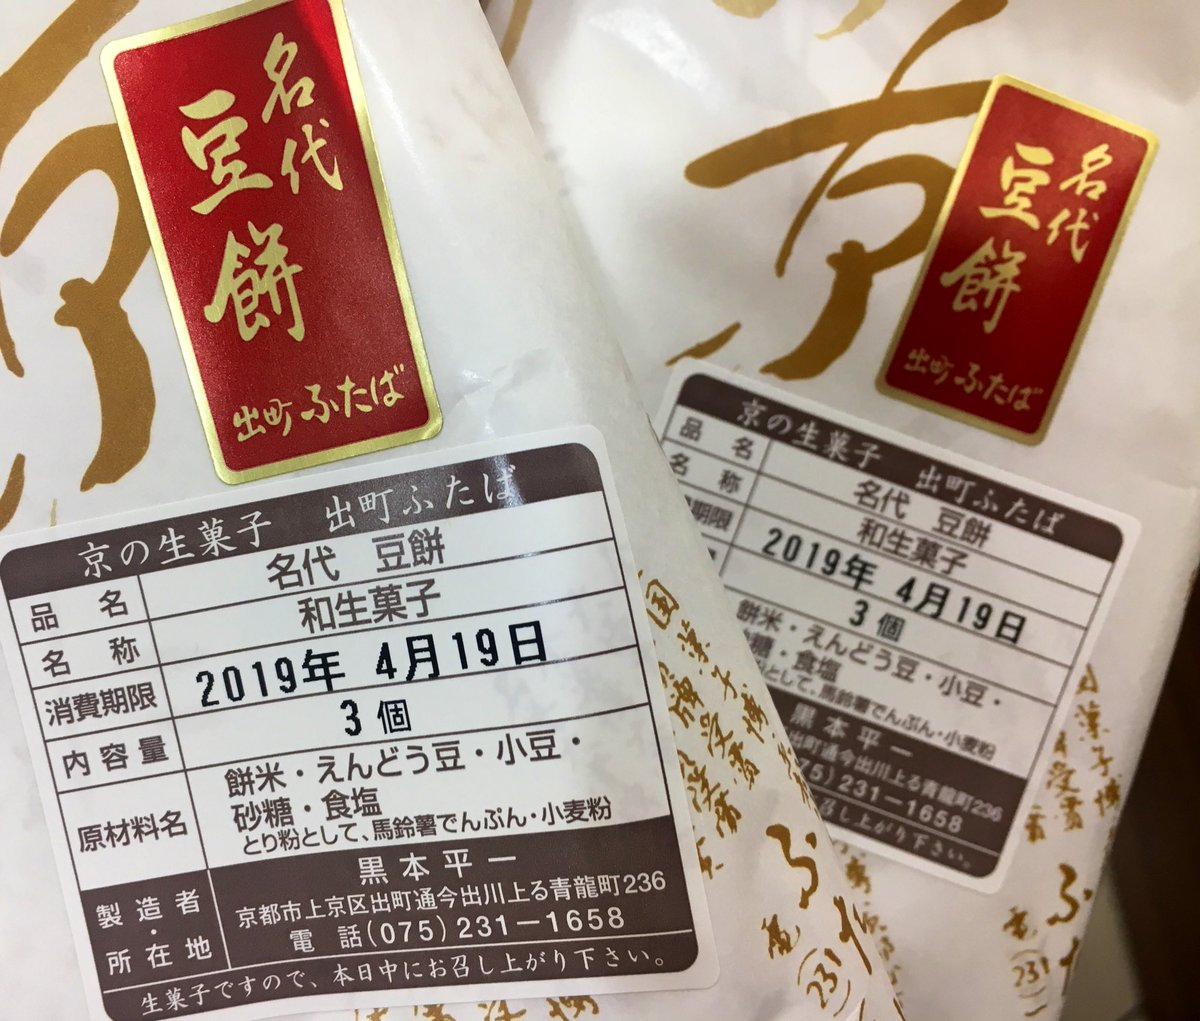 test ツイッターメディア - 京都の「出町 ふたば」の豆餅!  整理券で購入する程の人気商品だから 仕事帰りは買えたことがないけど… 今日はキャンセルが出ていて買えた〜!!  こちらのお店のは こし餡だから好きなの✨  #出町ふたば #豆餅 #高島屋 https://t.co/0rYrrcuUbZ